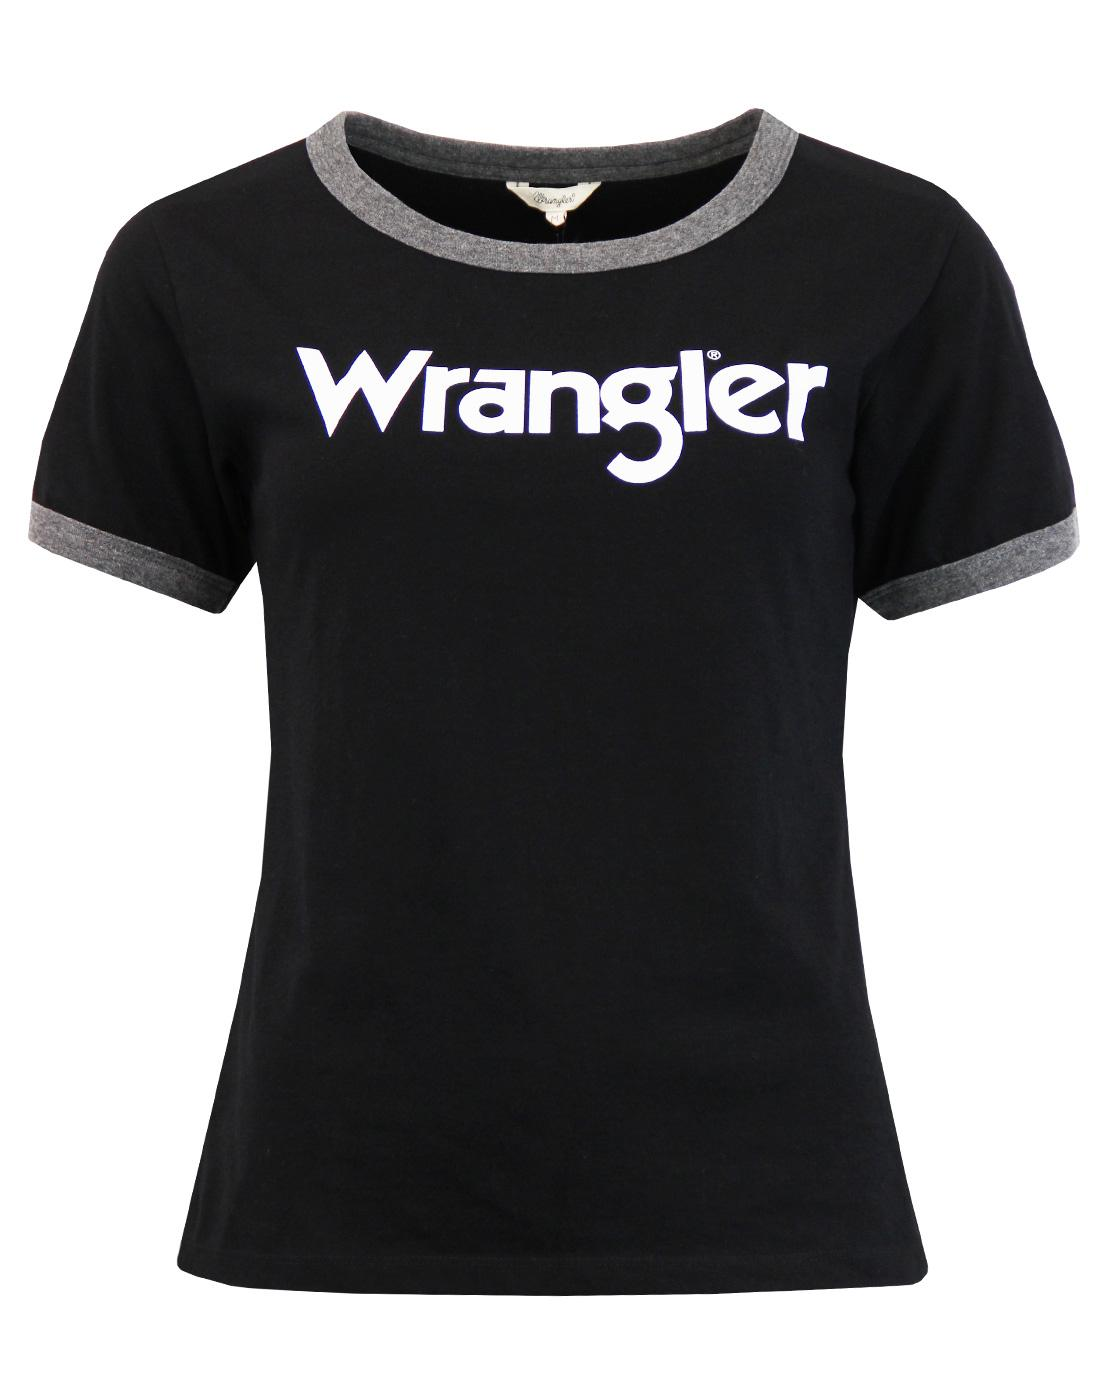 Kabel WRANGLER Women's Retro 70s Ringer T-shirt B